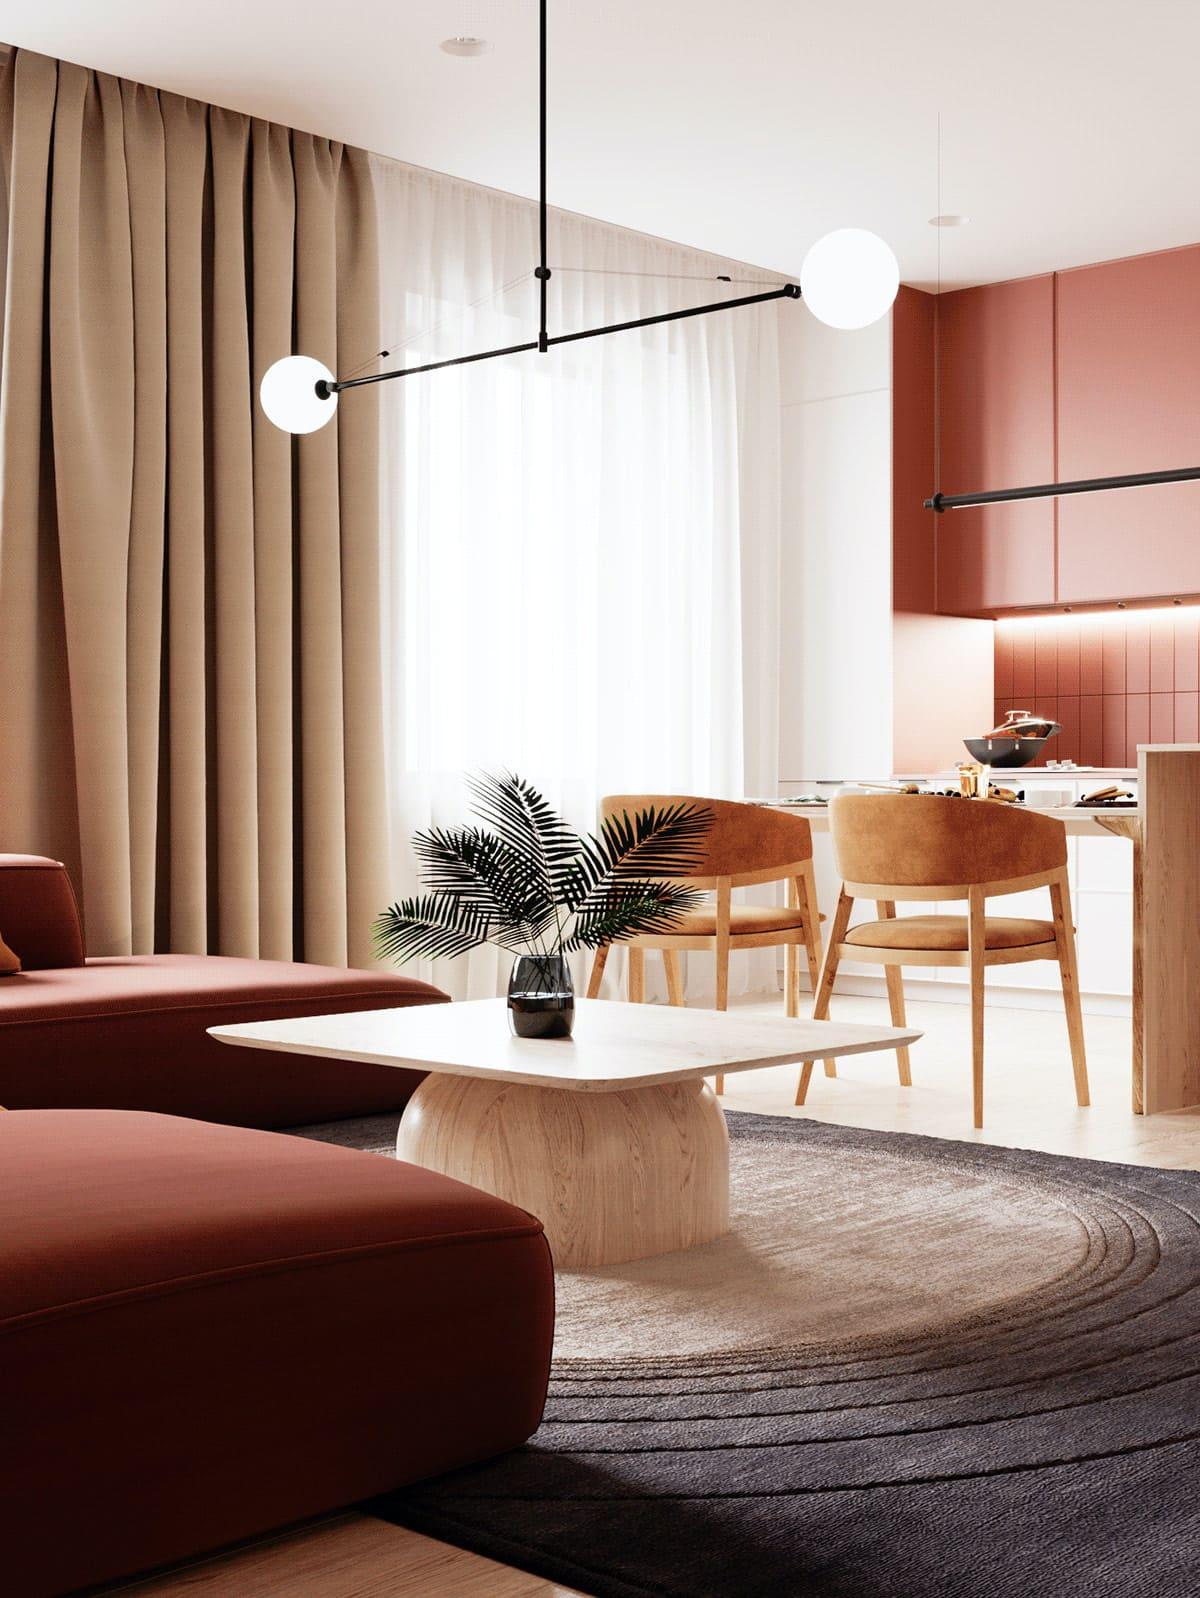 Современный дизайн кухни – фото интерьеров кухонь в современном стиле